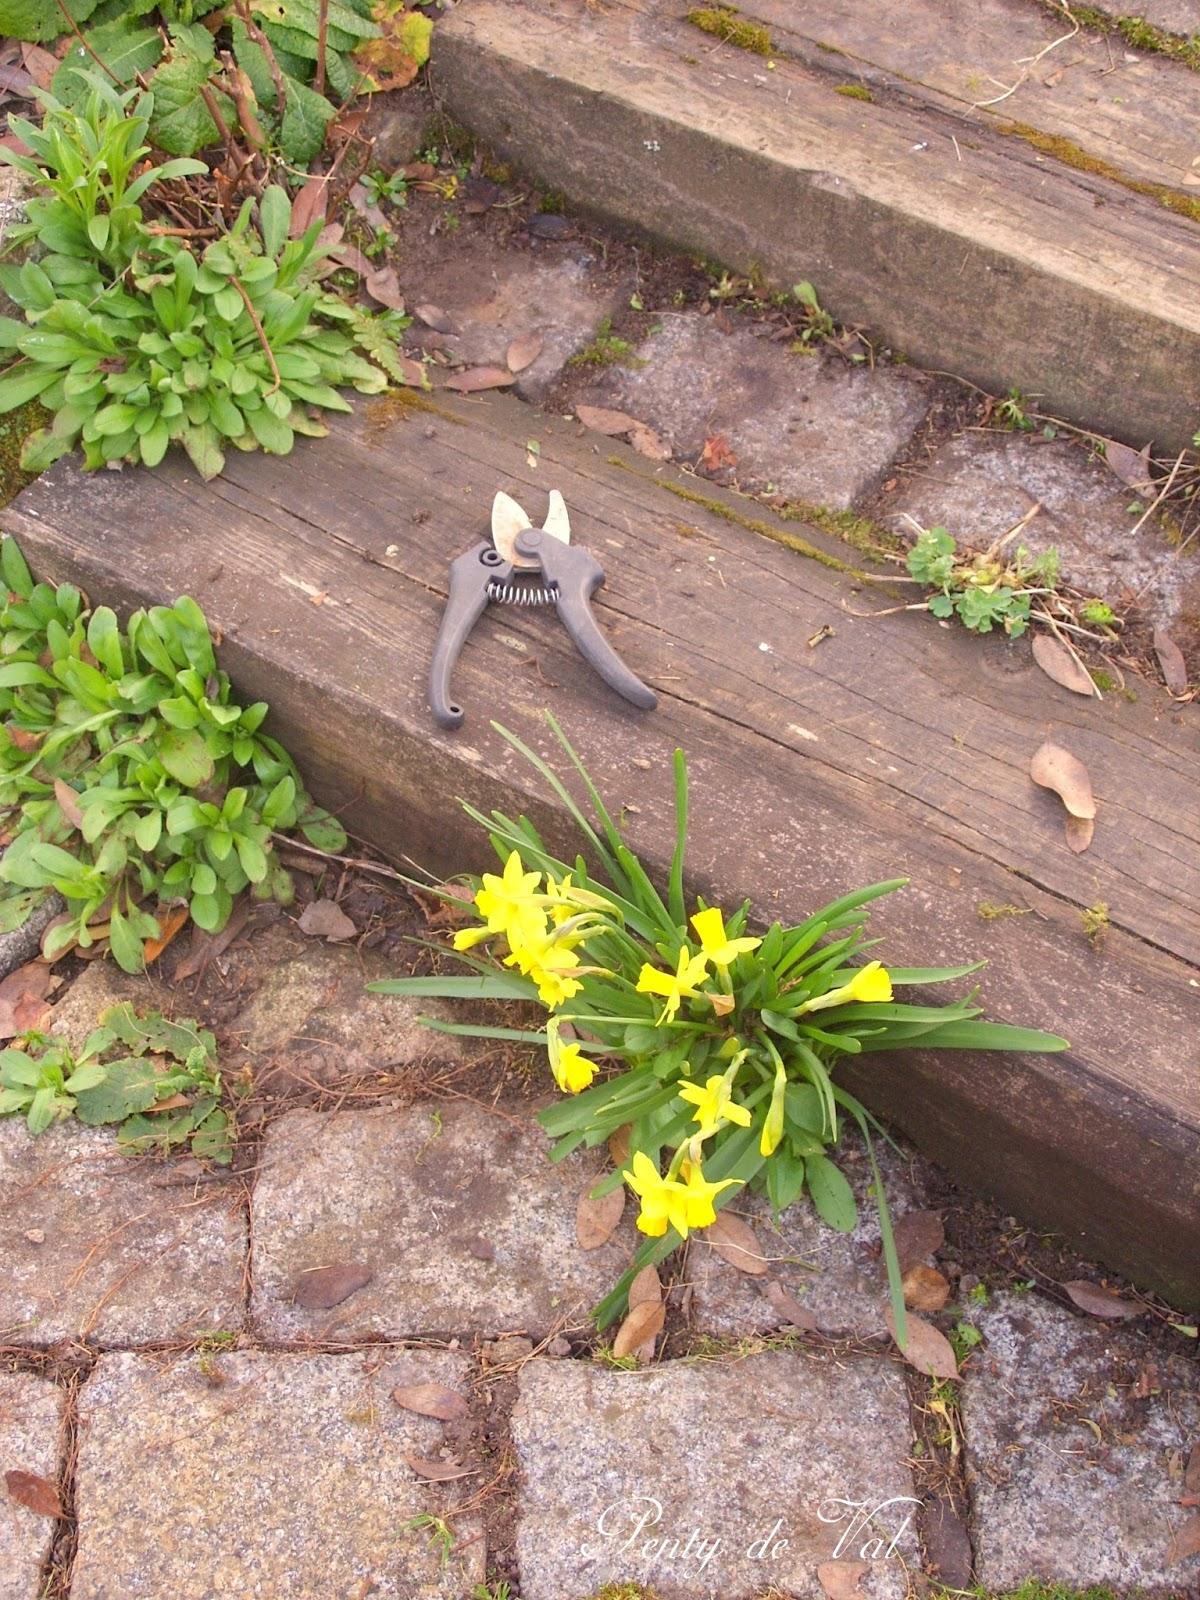 Penty de val je l 39 ai rencontr dans le jardin le for Nettoyage jardin printemps